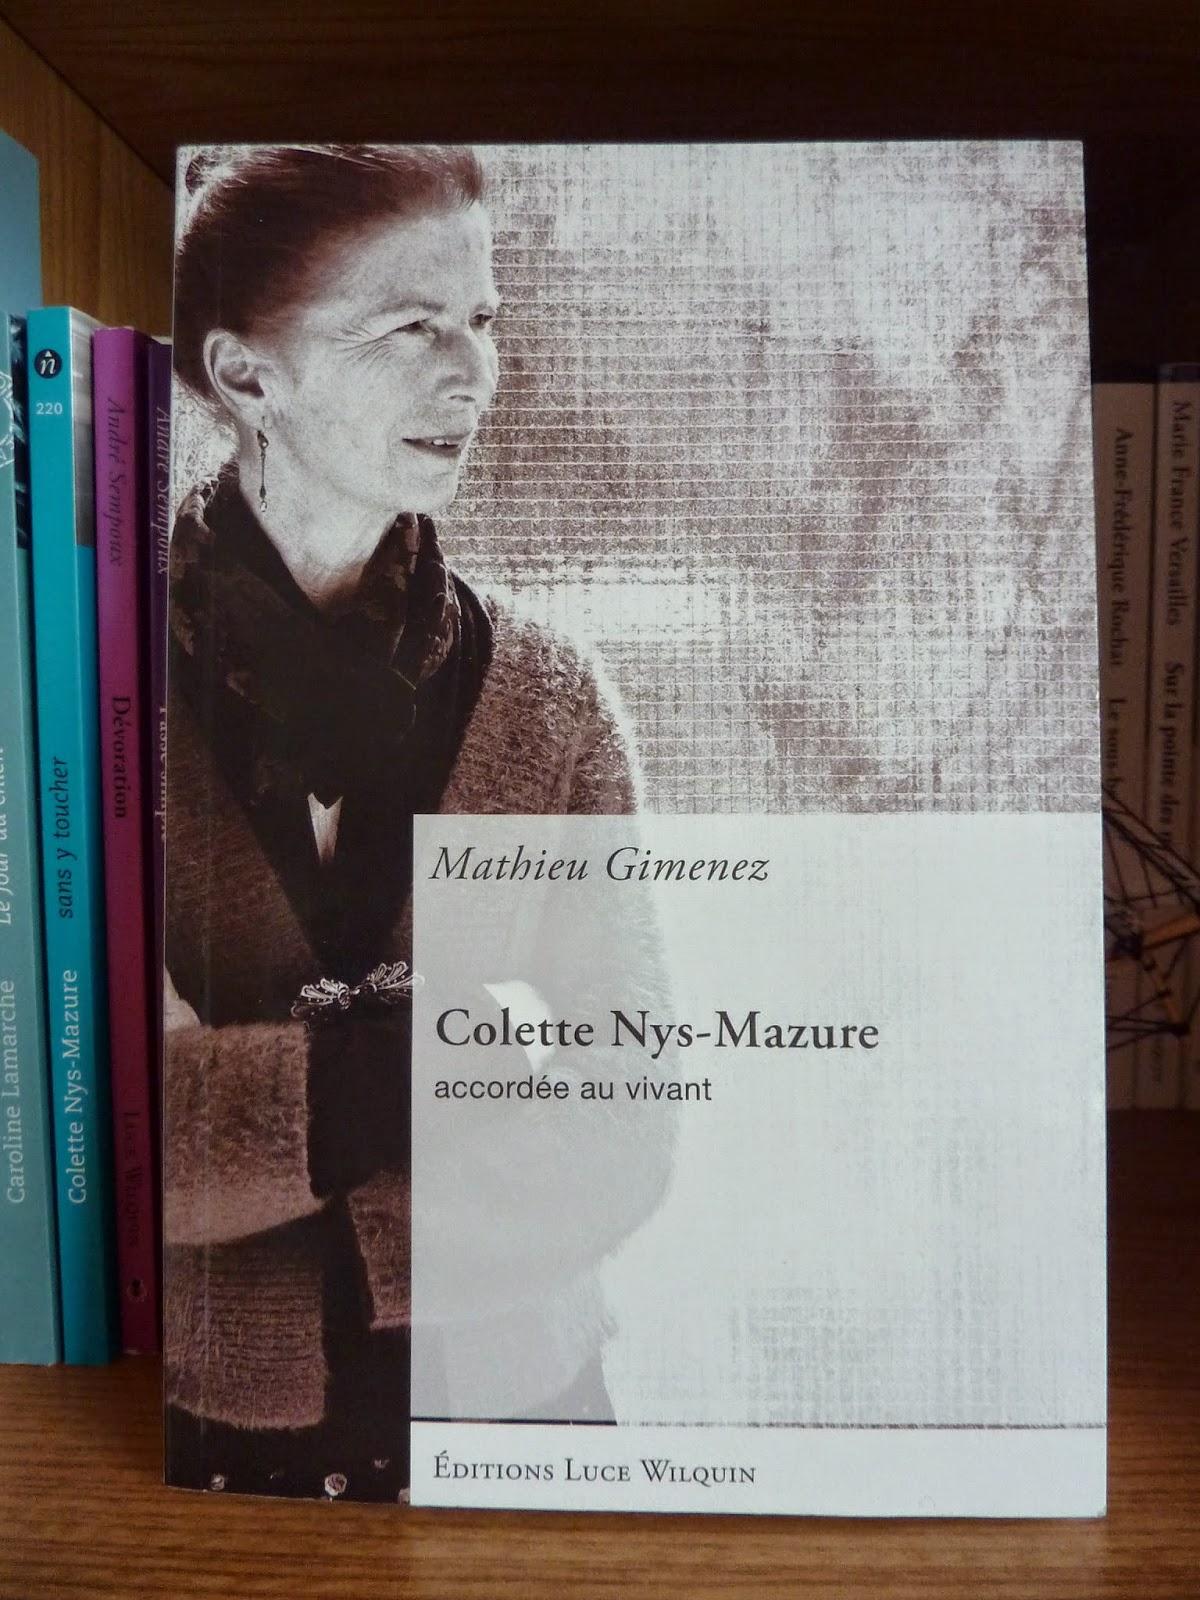 Colette Nys-Mazure - Mathieu Gimenez